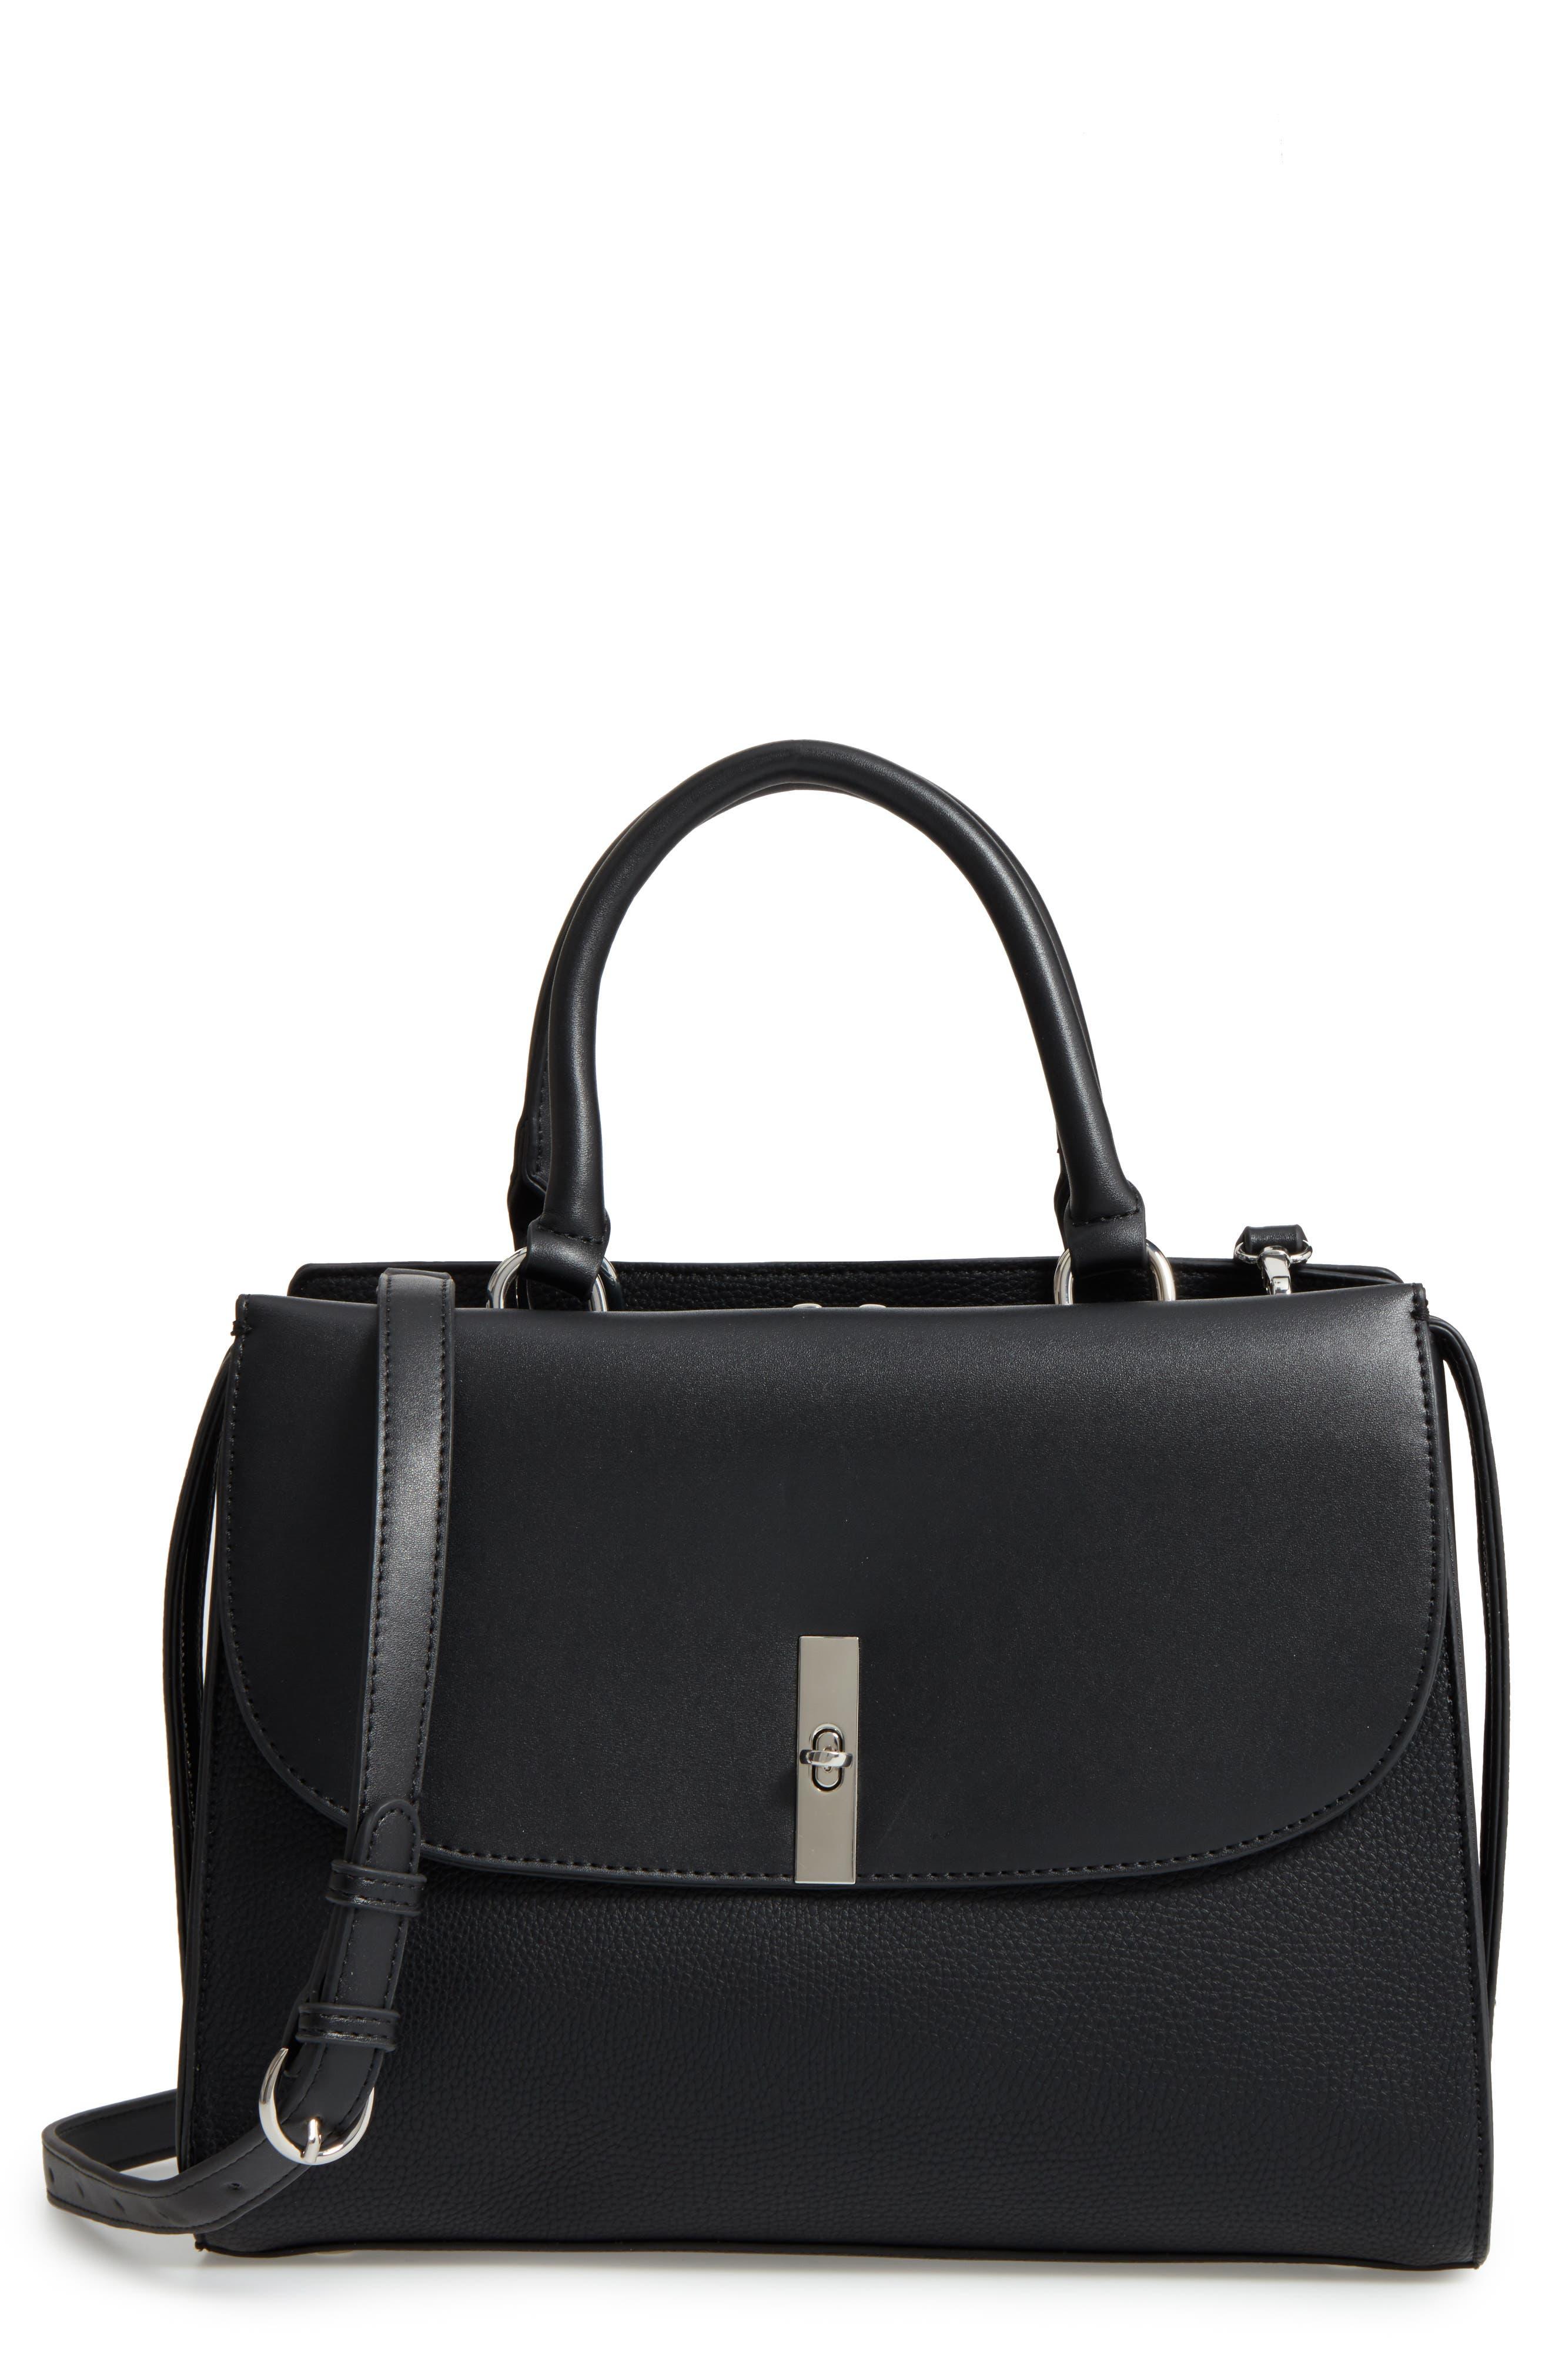 Chelsea28 Morgan Convertible Faux Leather Satchel